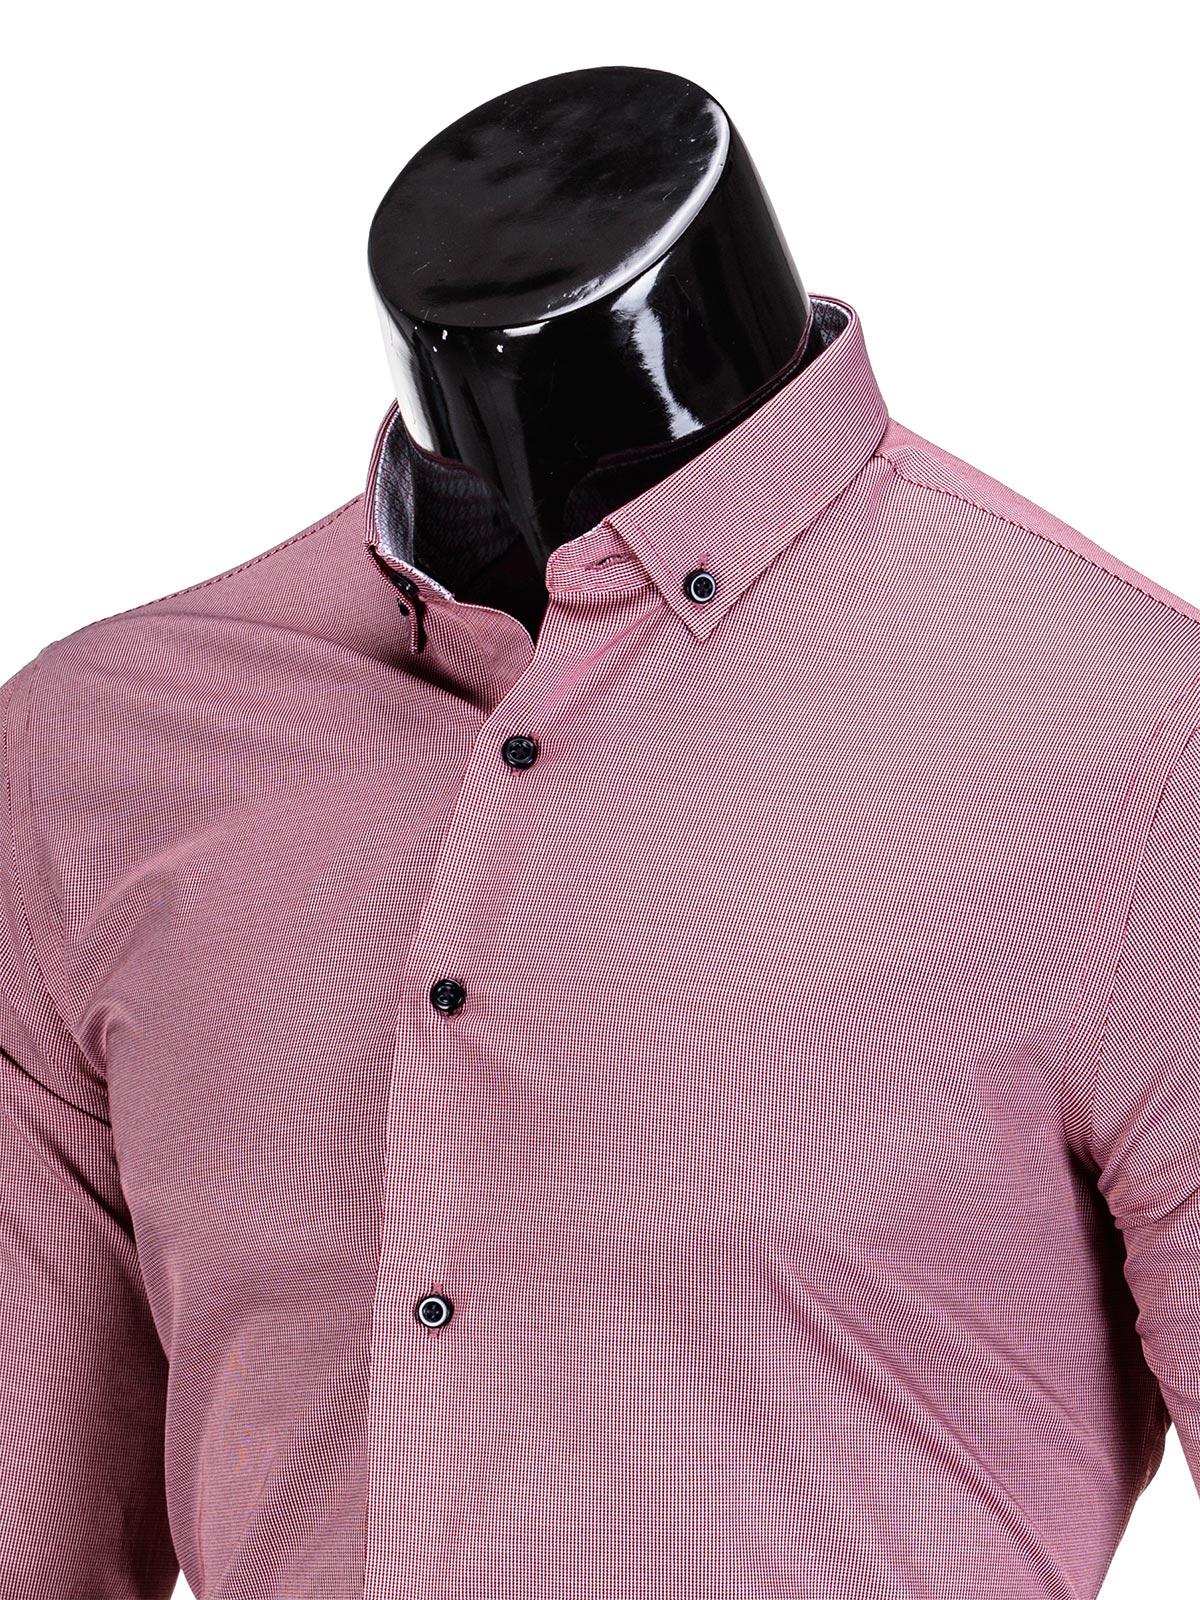 4c319b0d8e4 Мужская рубашка элегантная с длинным рукавом K350 - красная красный ...